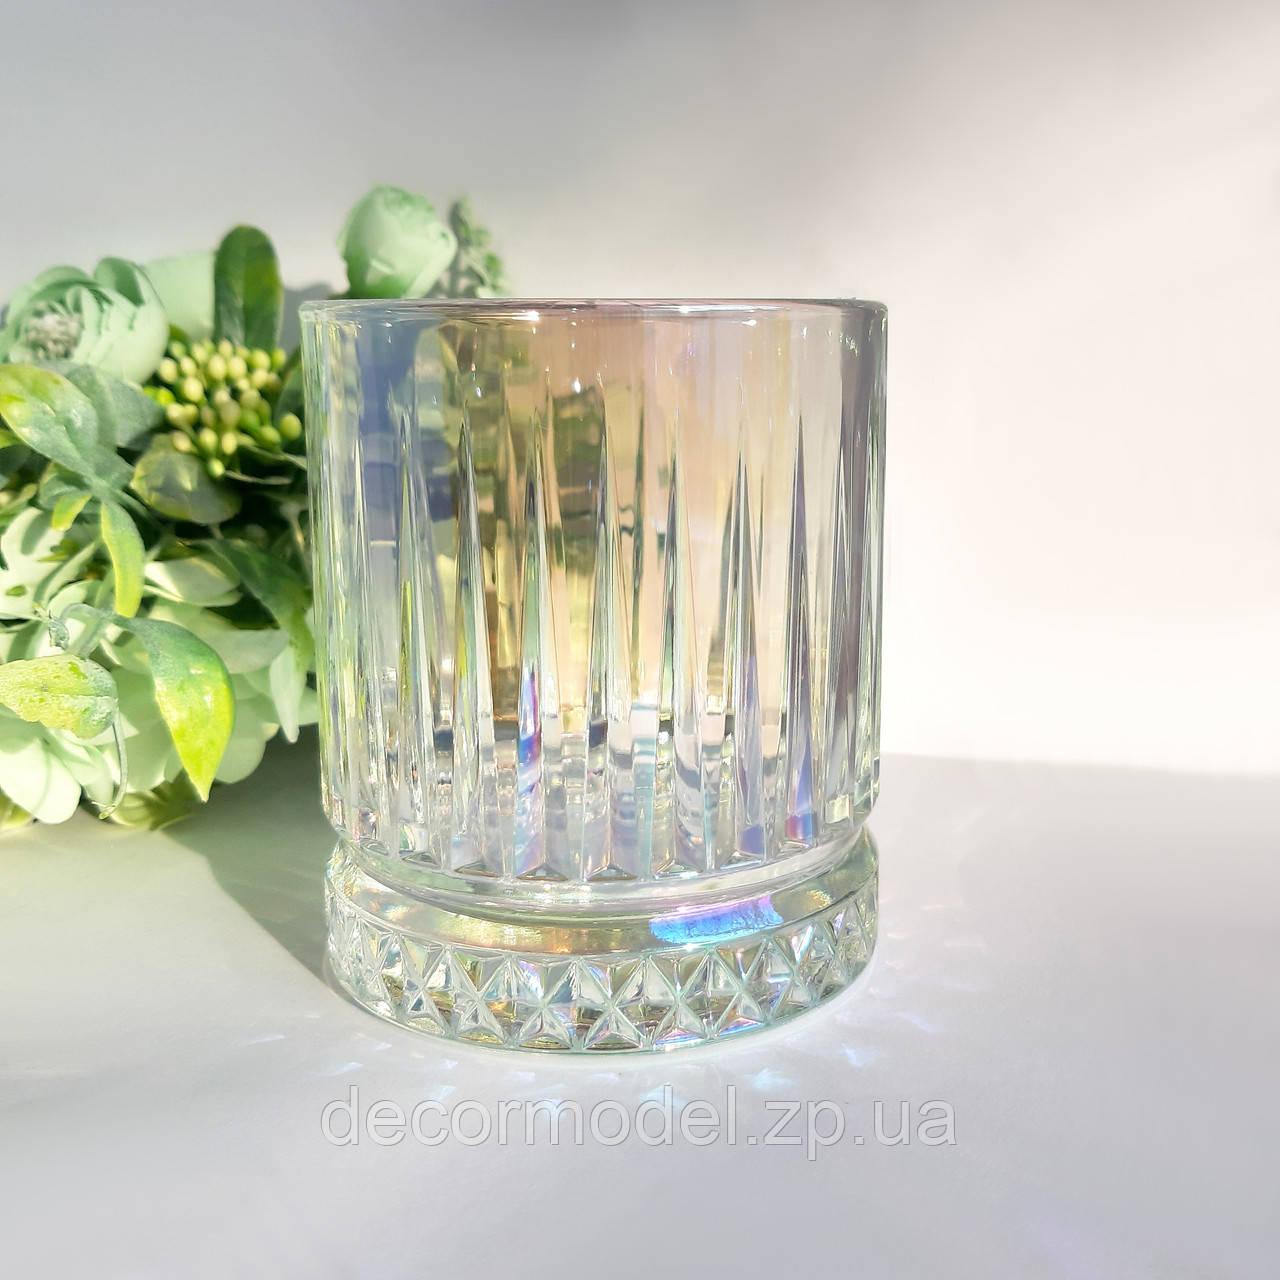 Набор стаканов низких Pasabahce Elysia 355 мл 4 шт 520004 перламутр